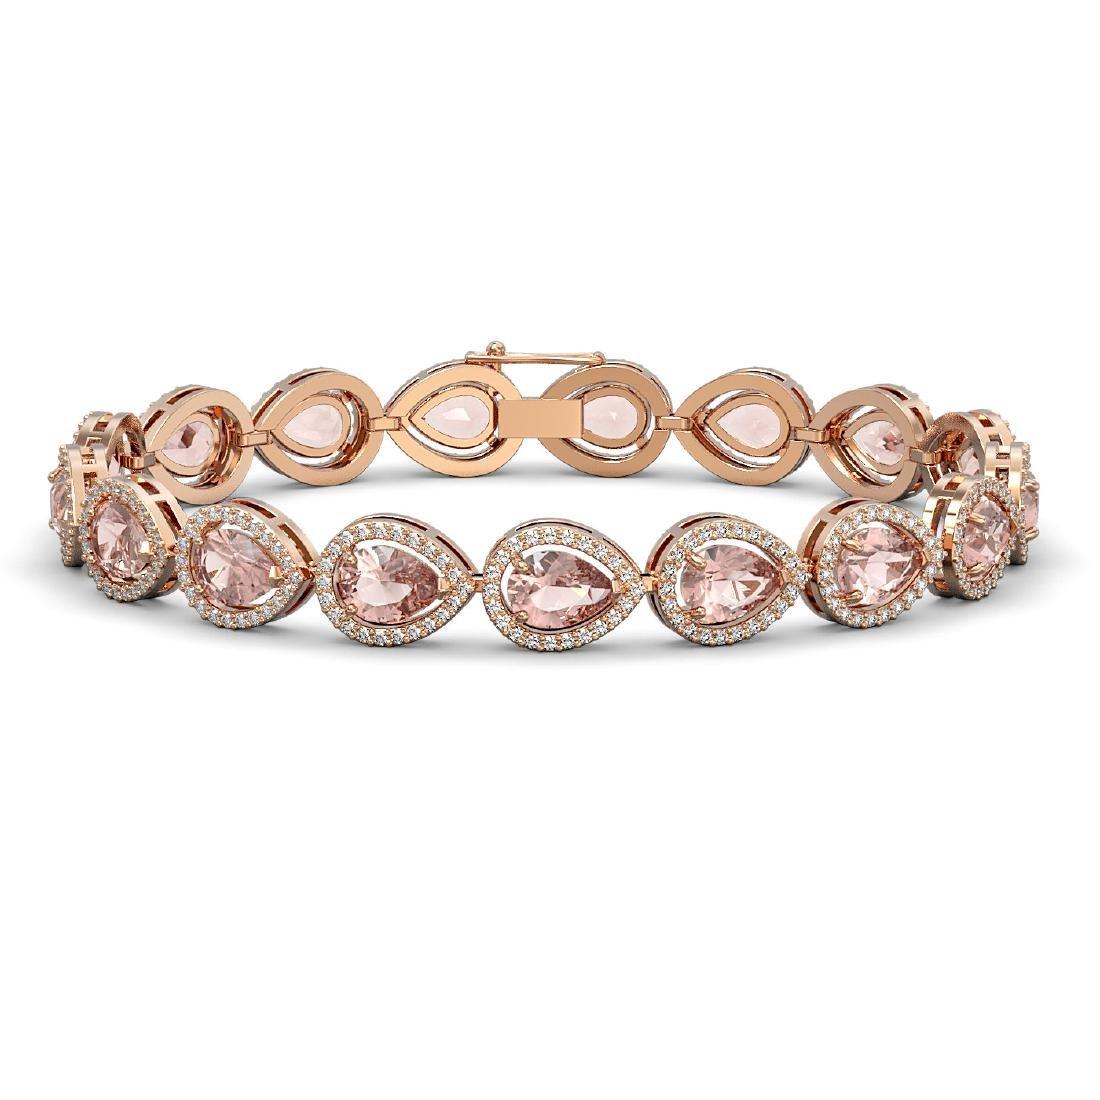 16.59 CTW Morganite & Diamond Halo Bracelet 10K Rose